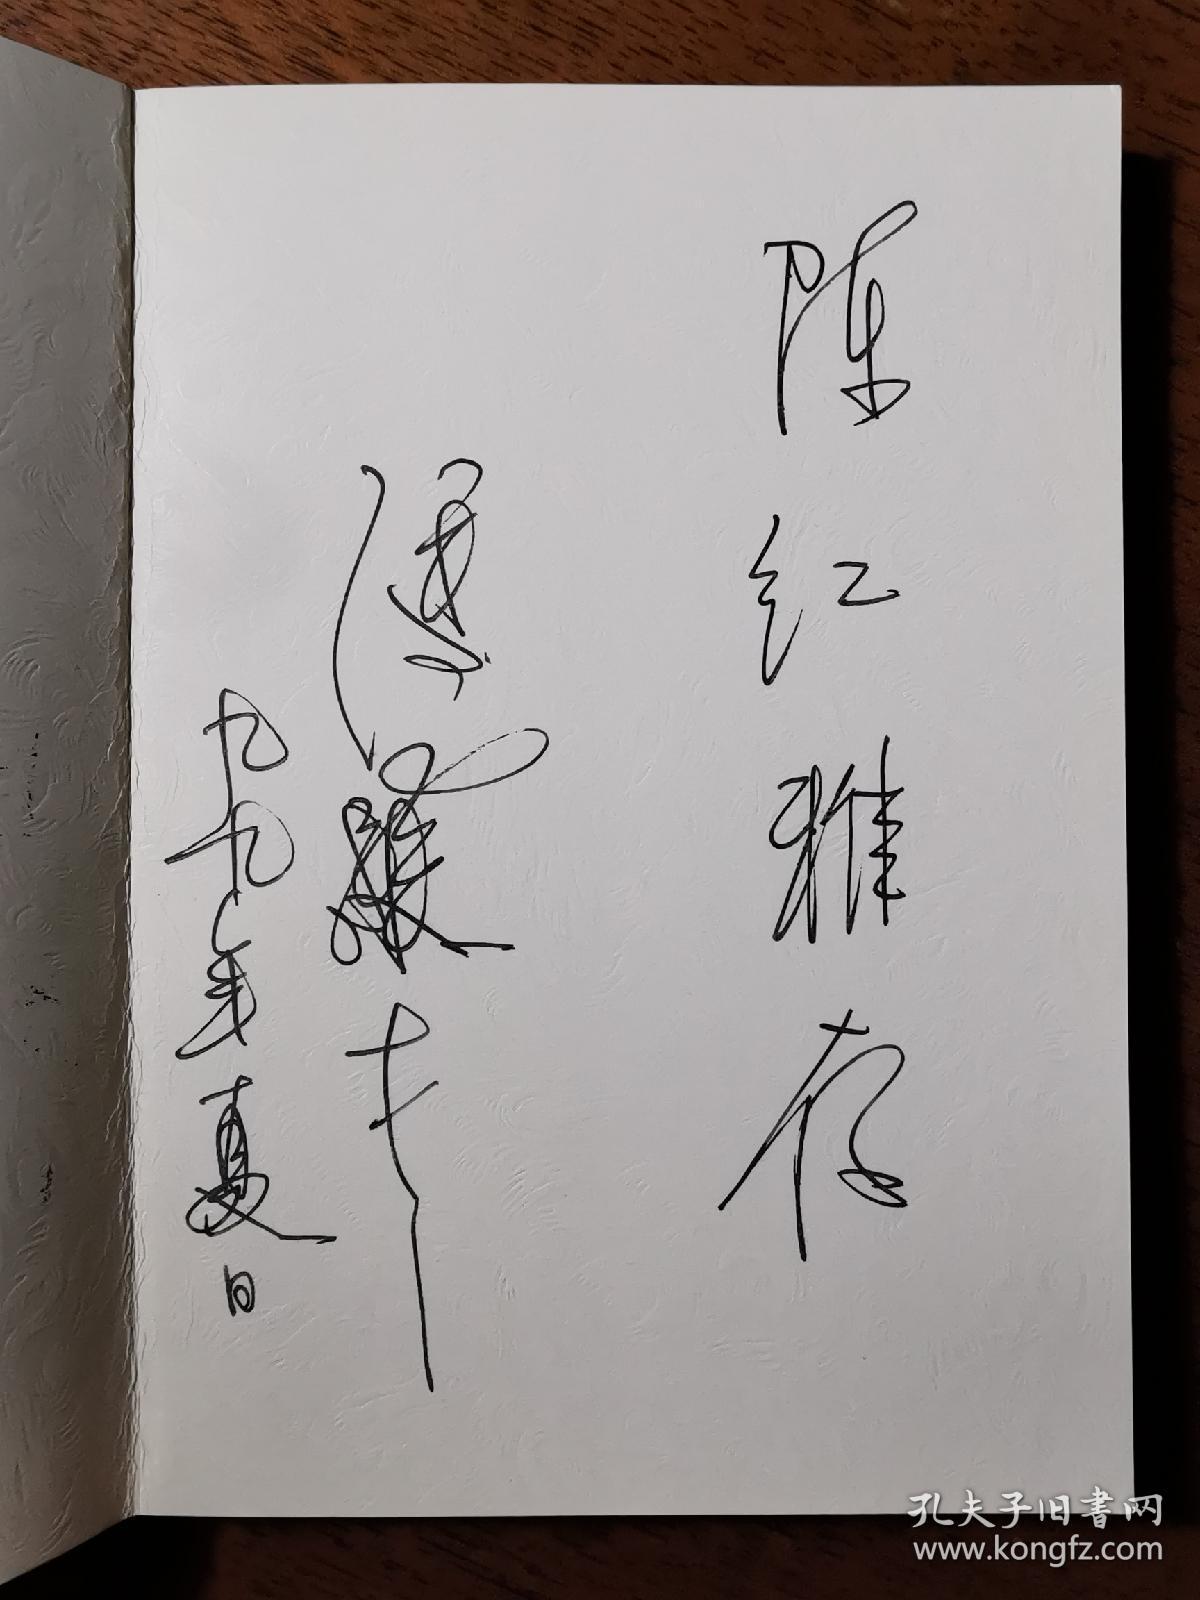 不妄不欺斋之一千四百七十六:冯骥才签名《灵性》,内页插画亦出自冯骥才之手